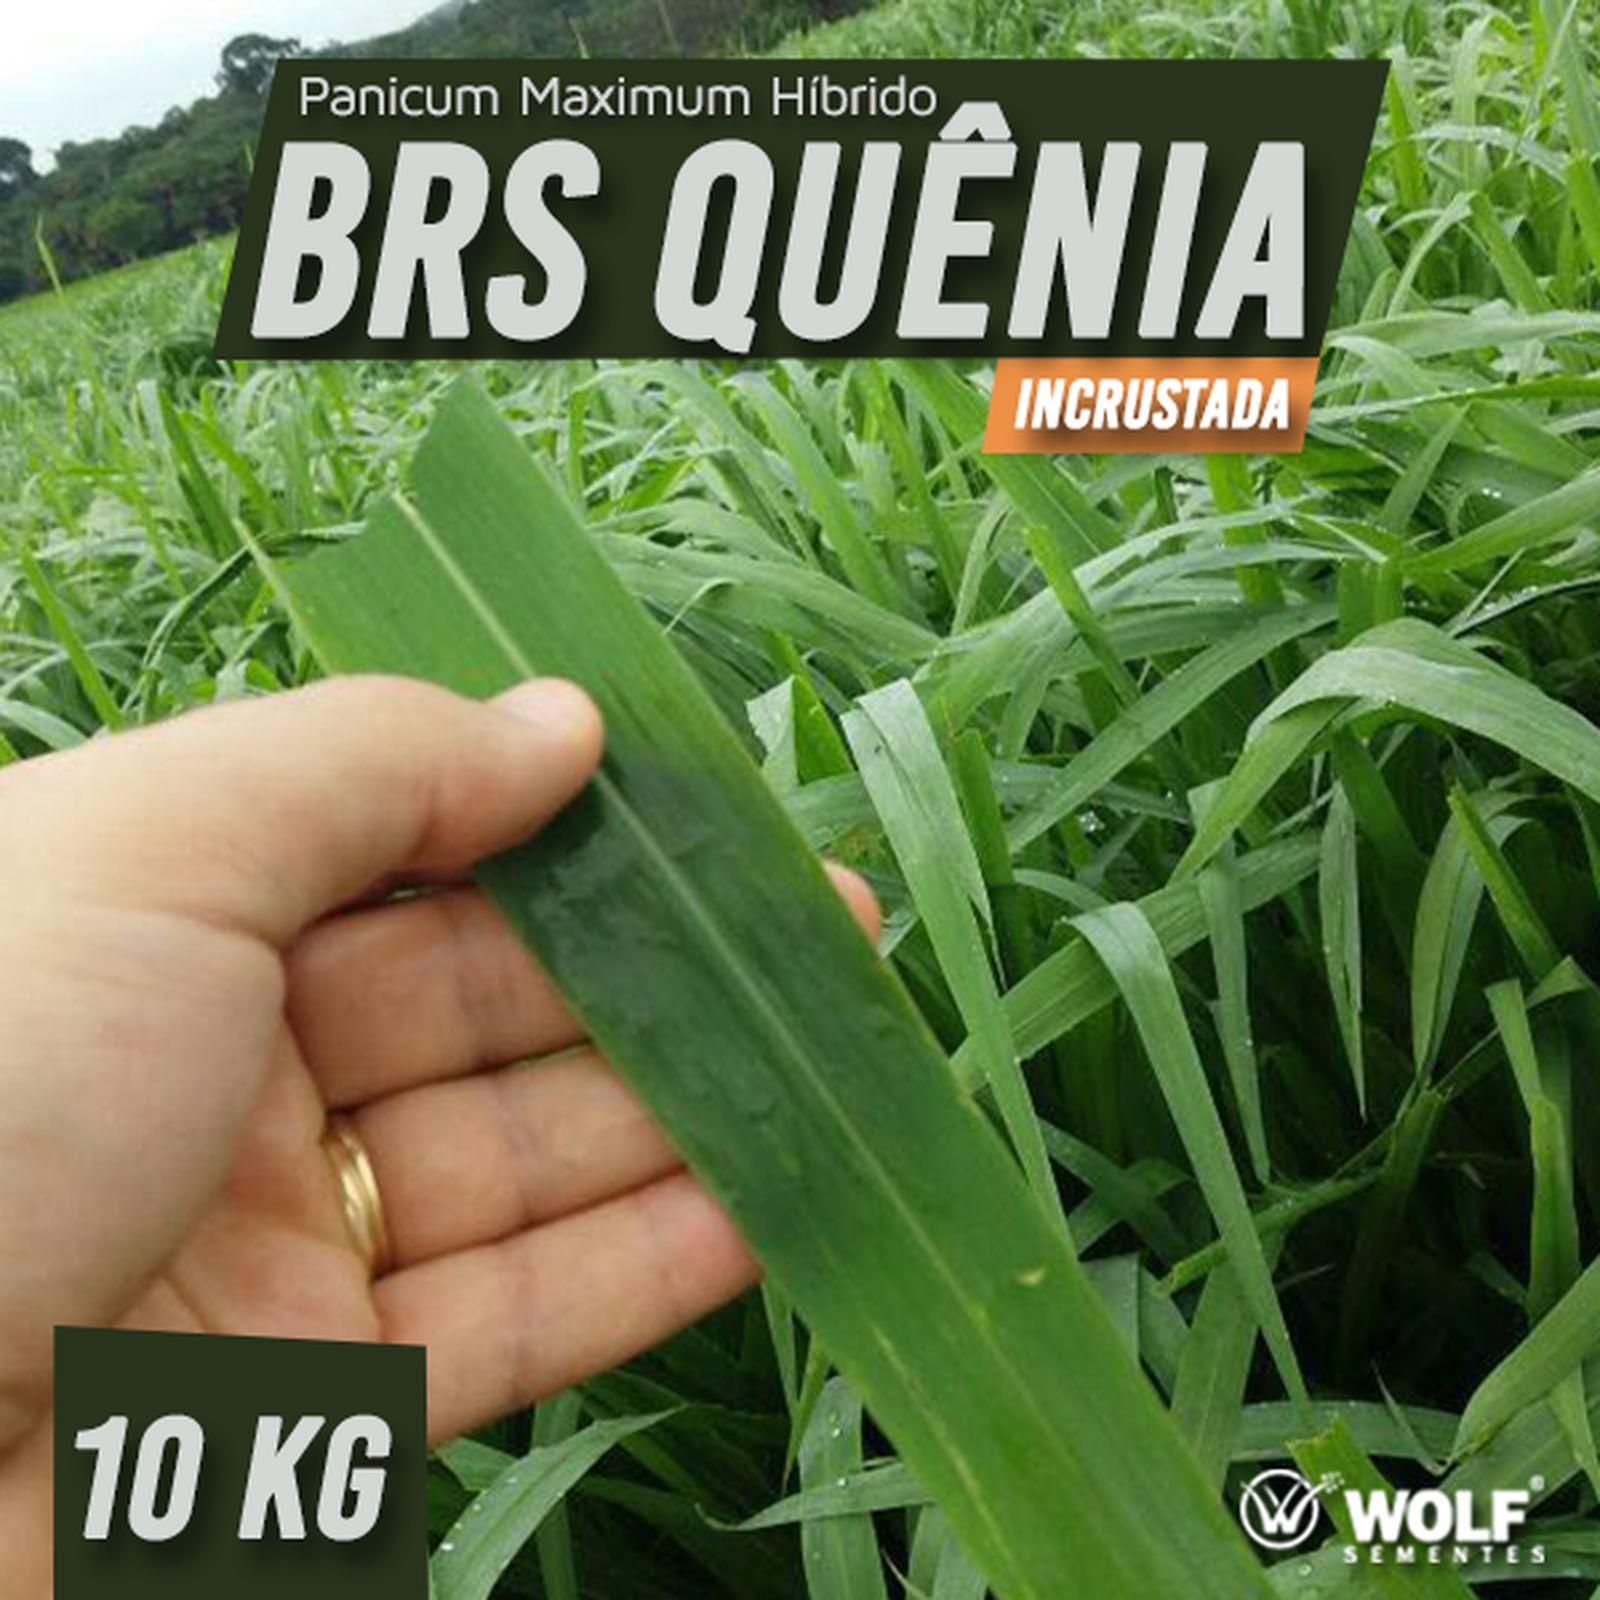 Sementes para Capim BRS QUÊNIA Incrustada (Saco de 10kg)